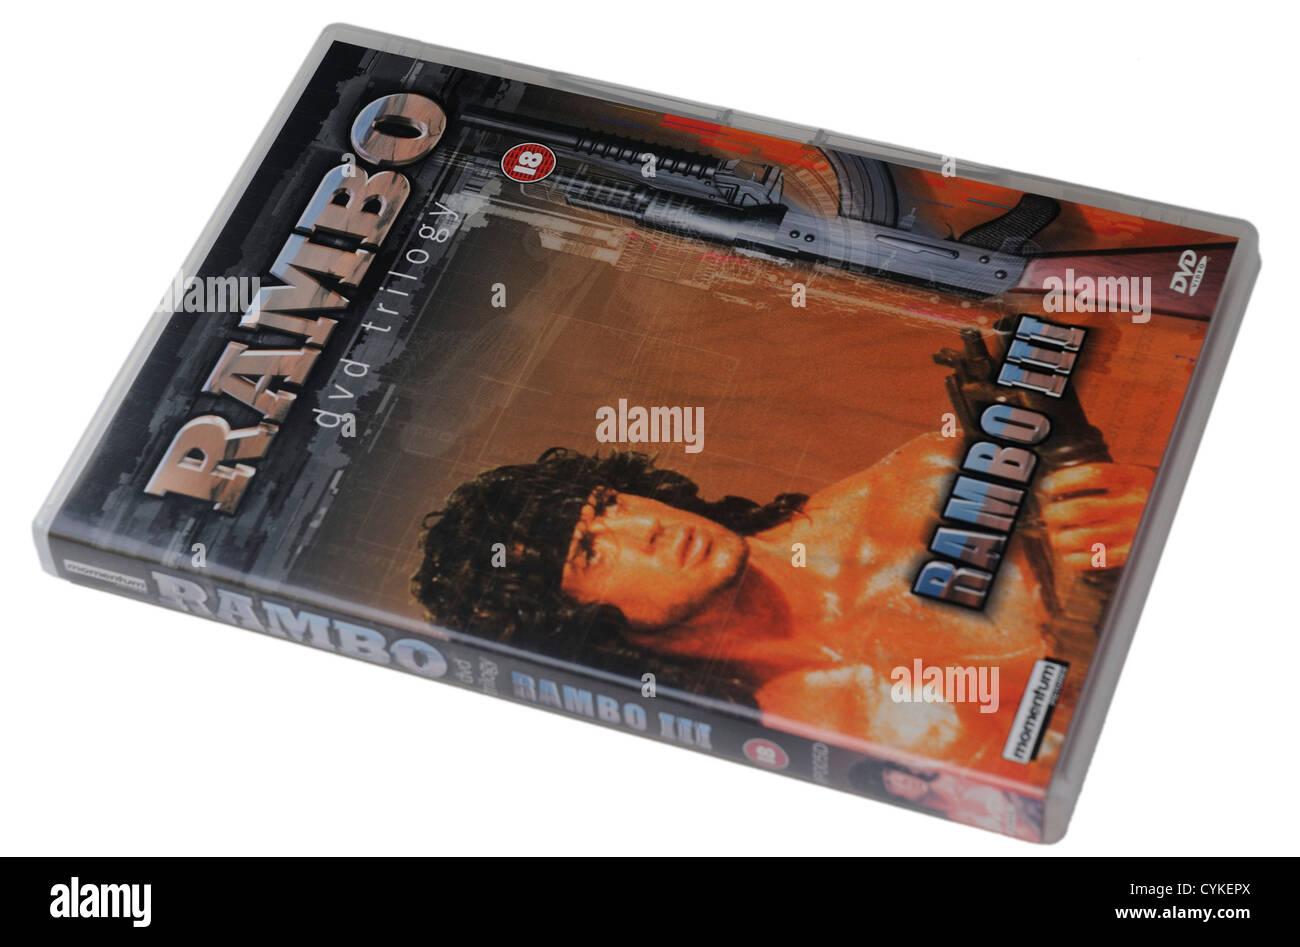 Rambo DVD - Stock Image